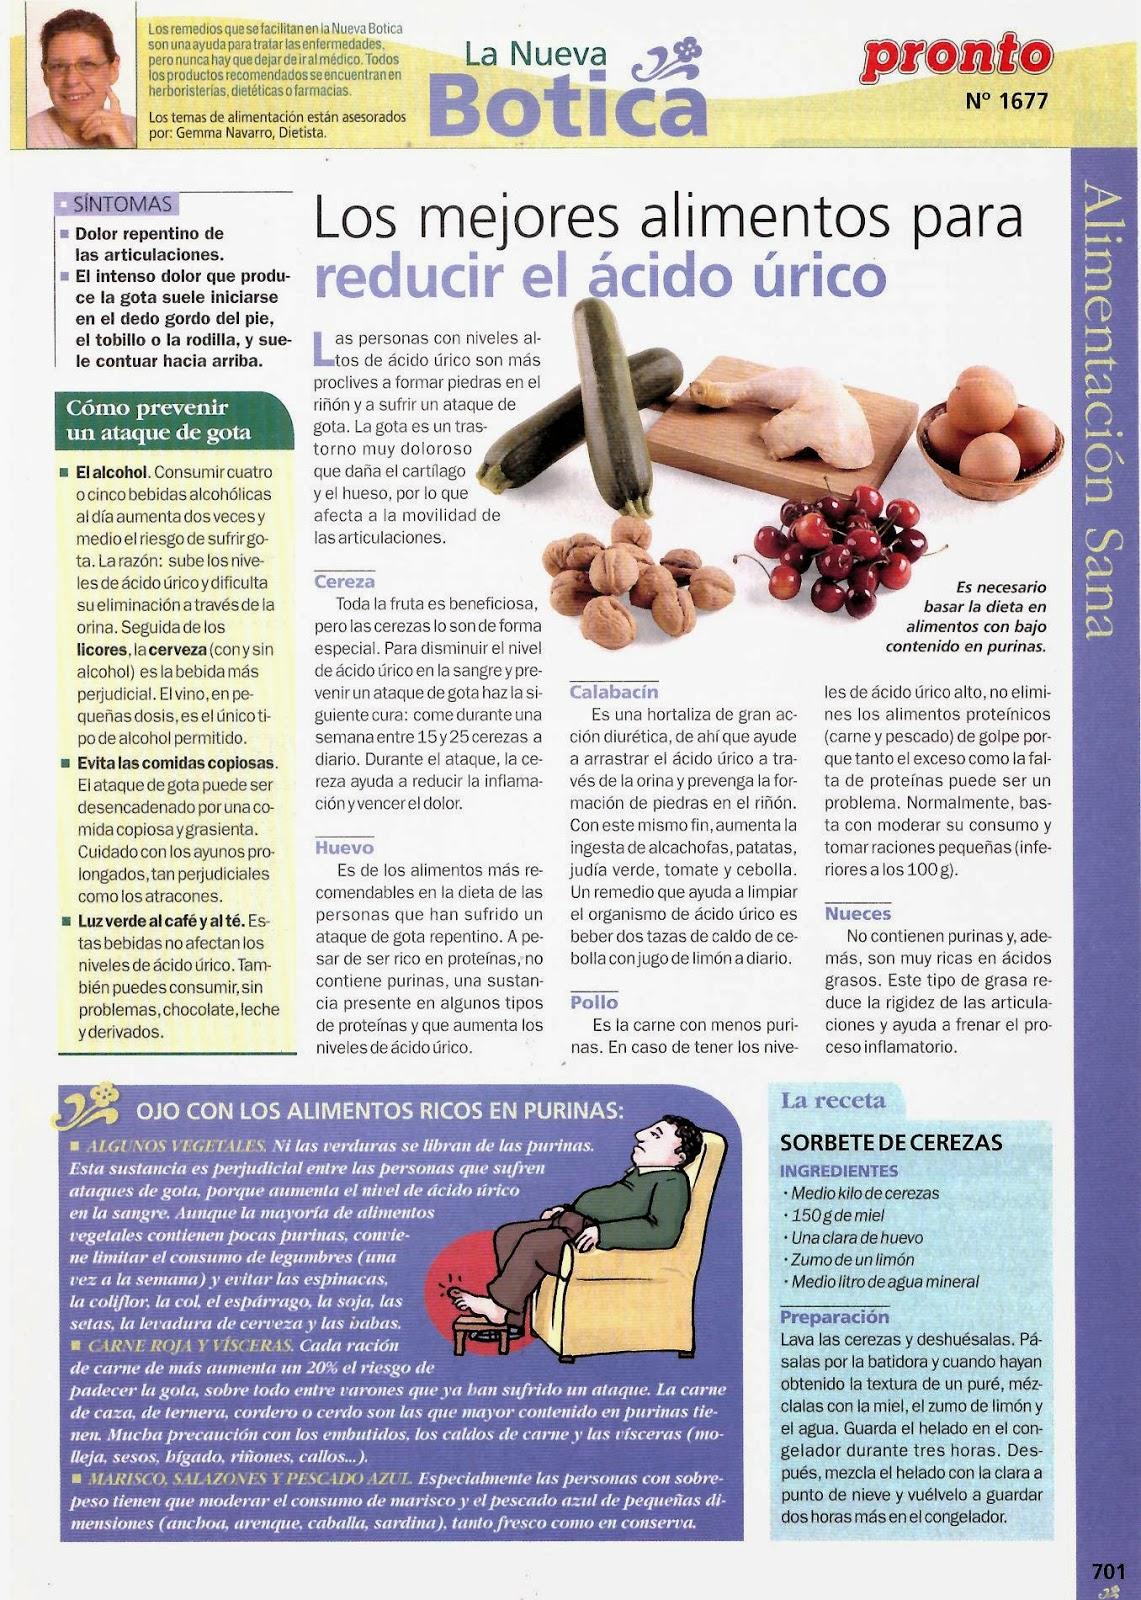 alimentacion para disminuir acido urico que es bueno para quitar el dolor dela gota porque se forma el acido urico